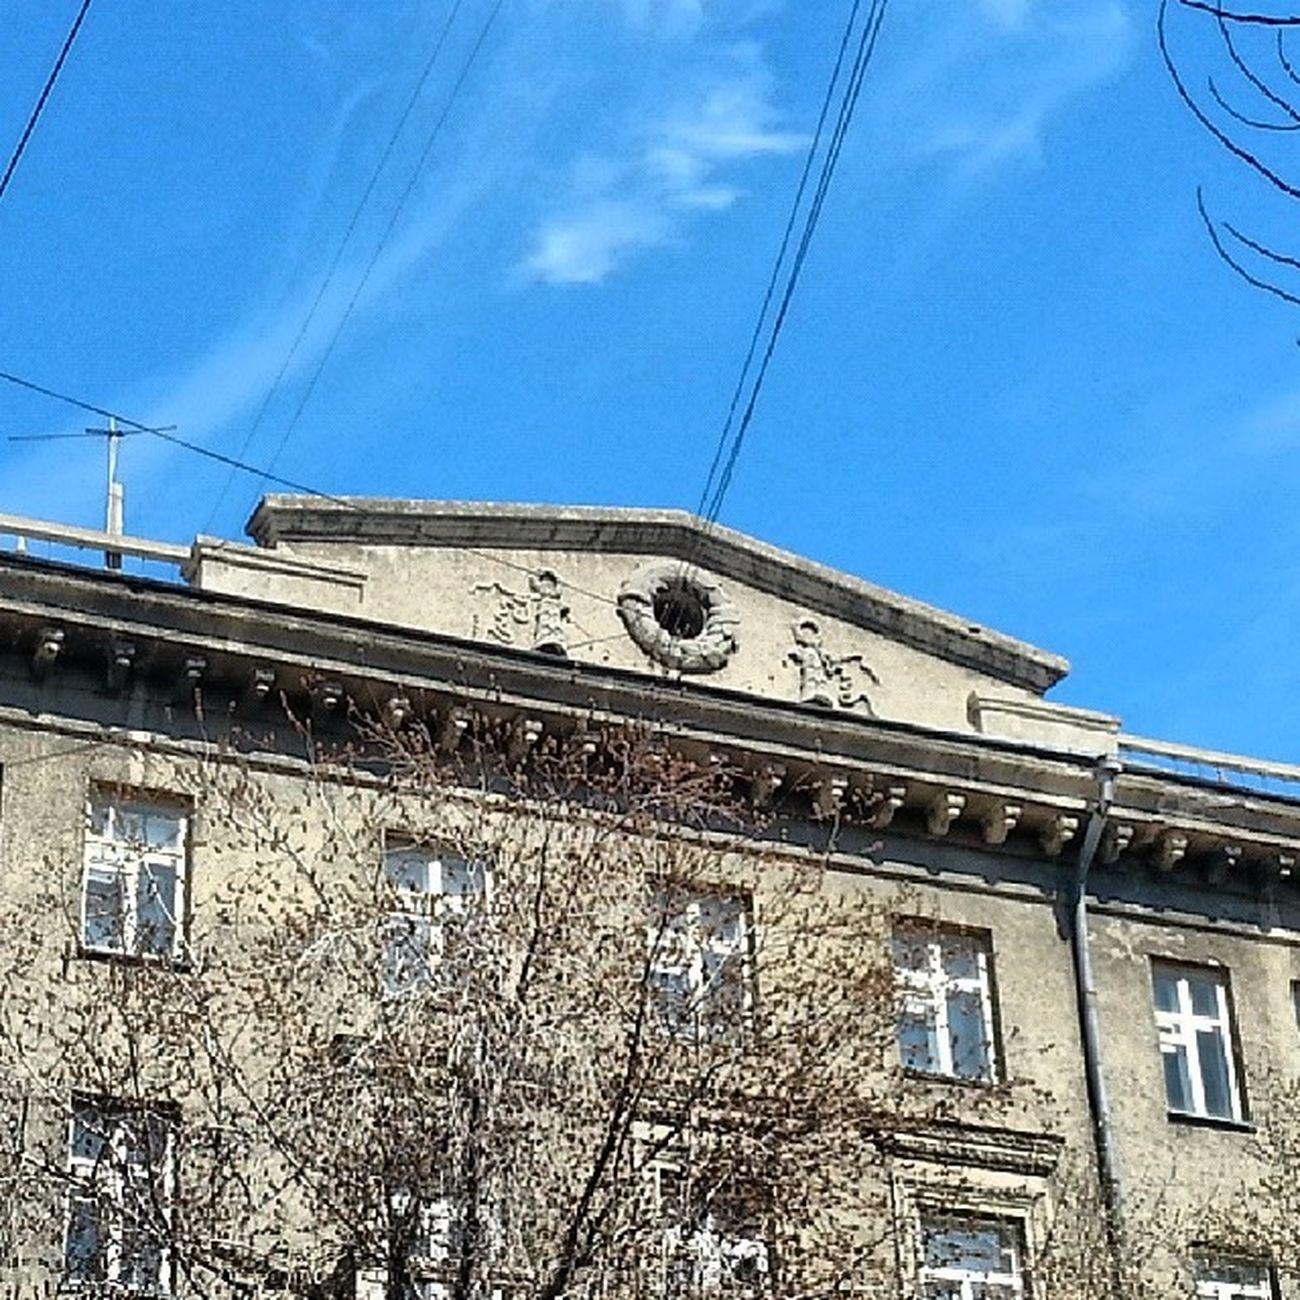 2014 -04-25, Новосибирск , улицаДостоевского . Декоративный фронтон / Novosibirsk. Building decorative pediment.